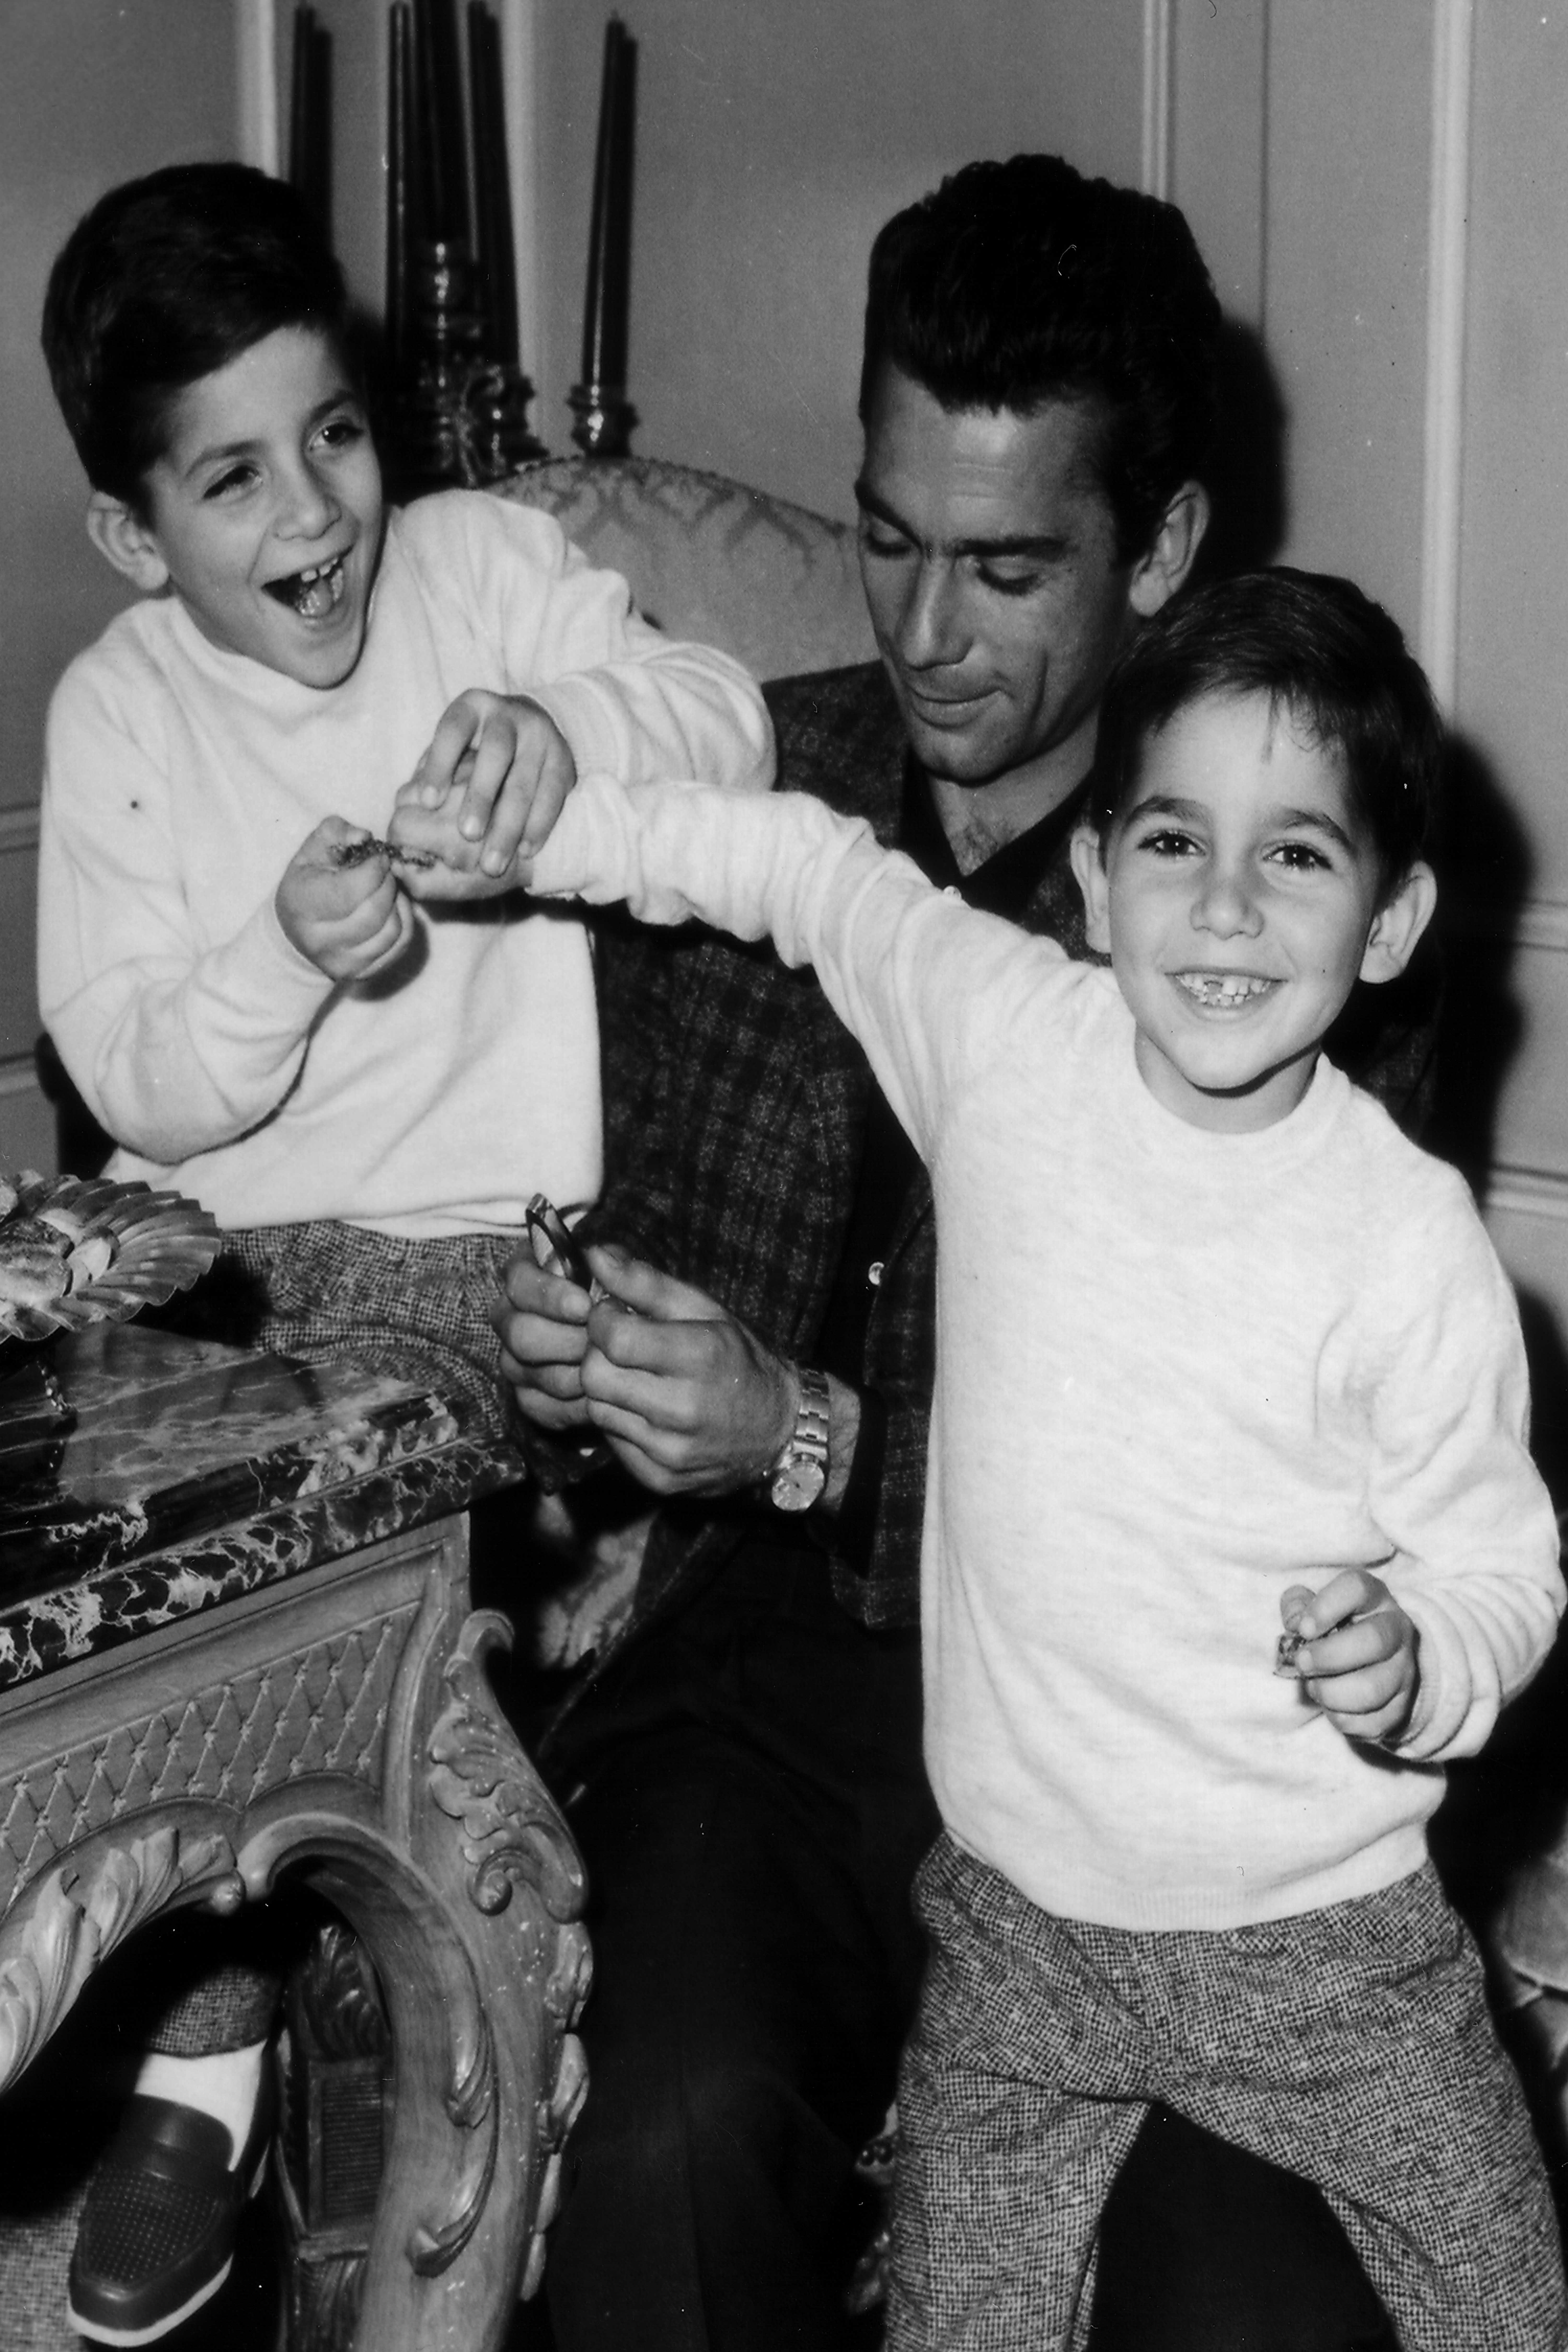 المايسترو مع أطفاله